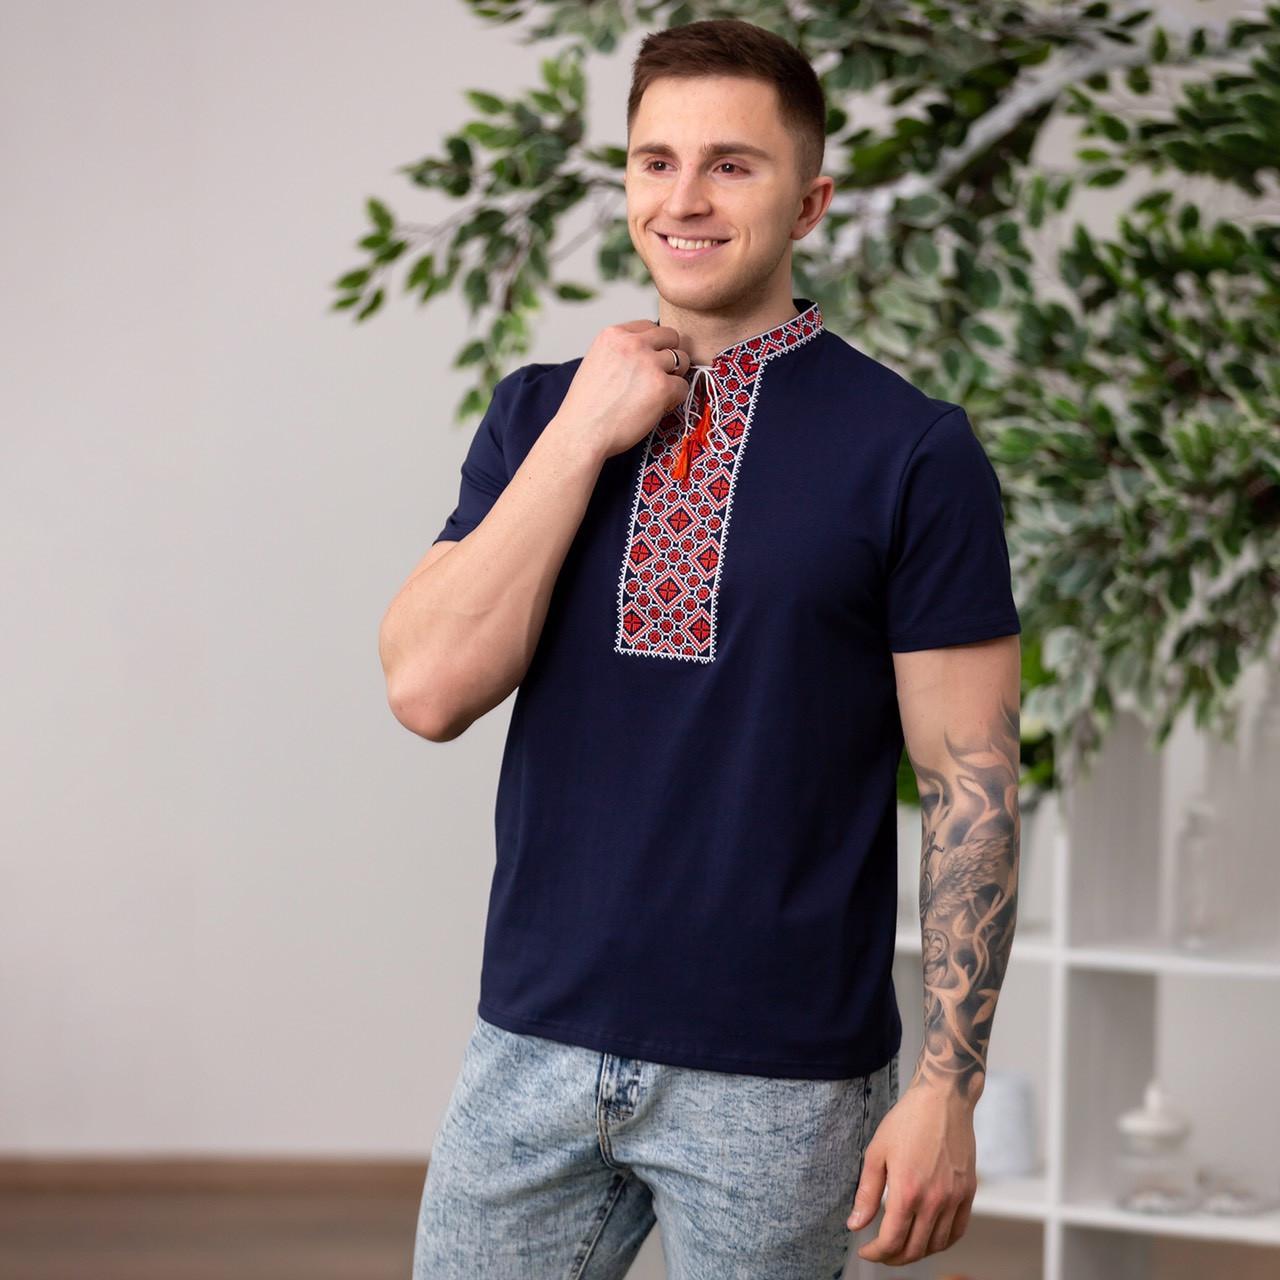 Мужская футболка вышиванка темно - синяя с красной вышивкой